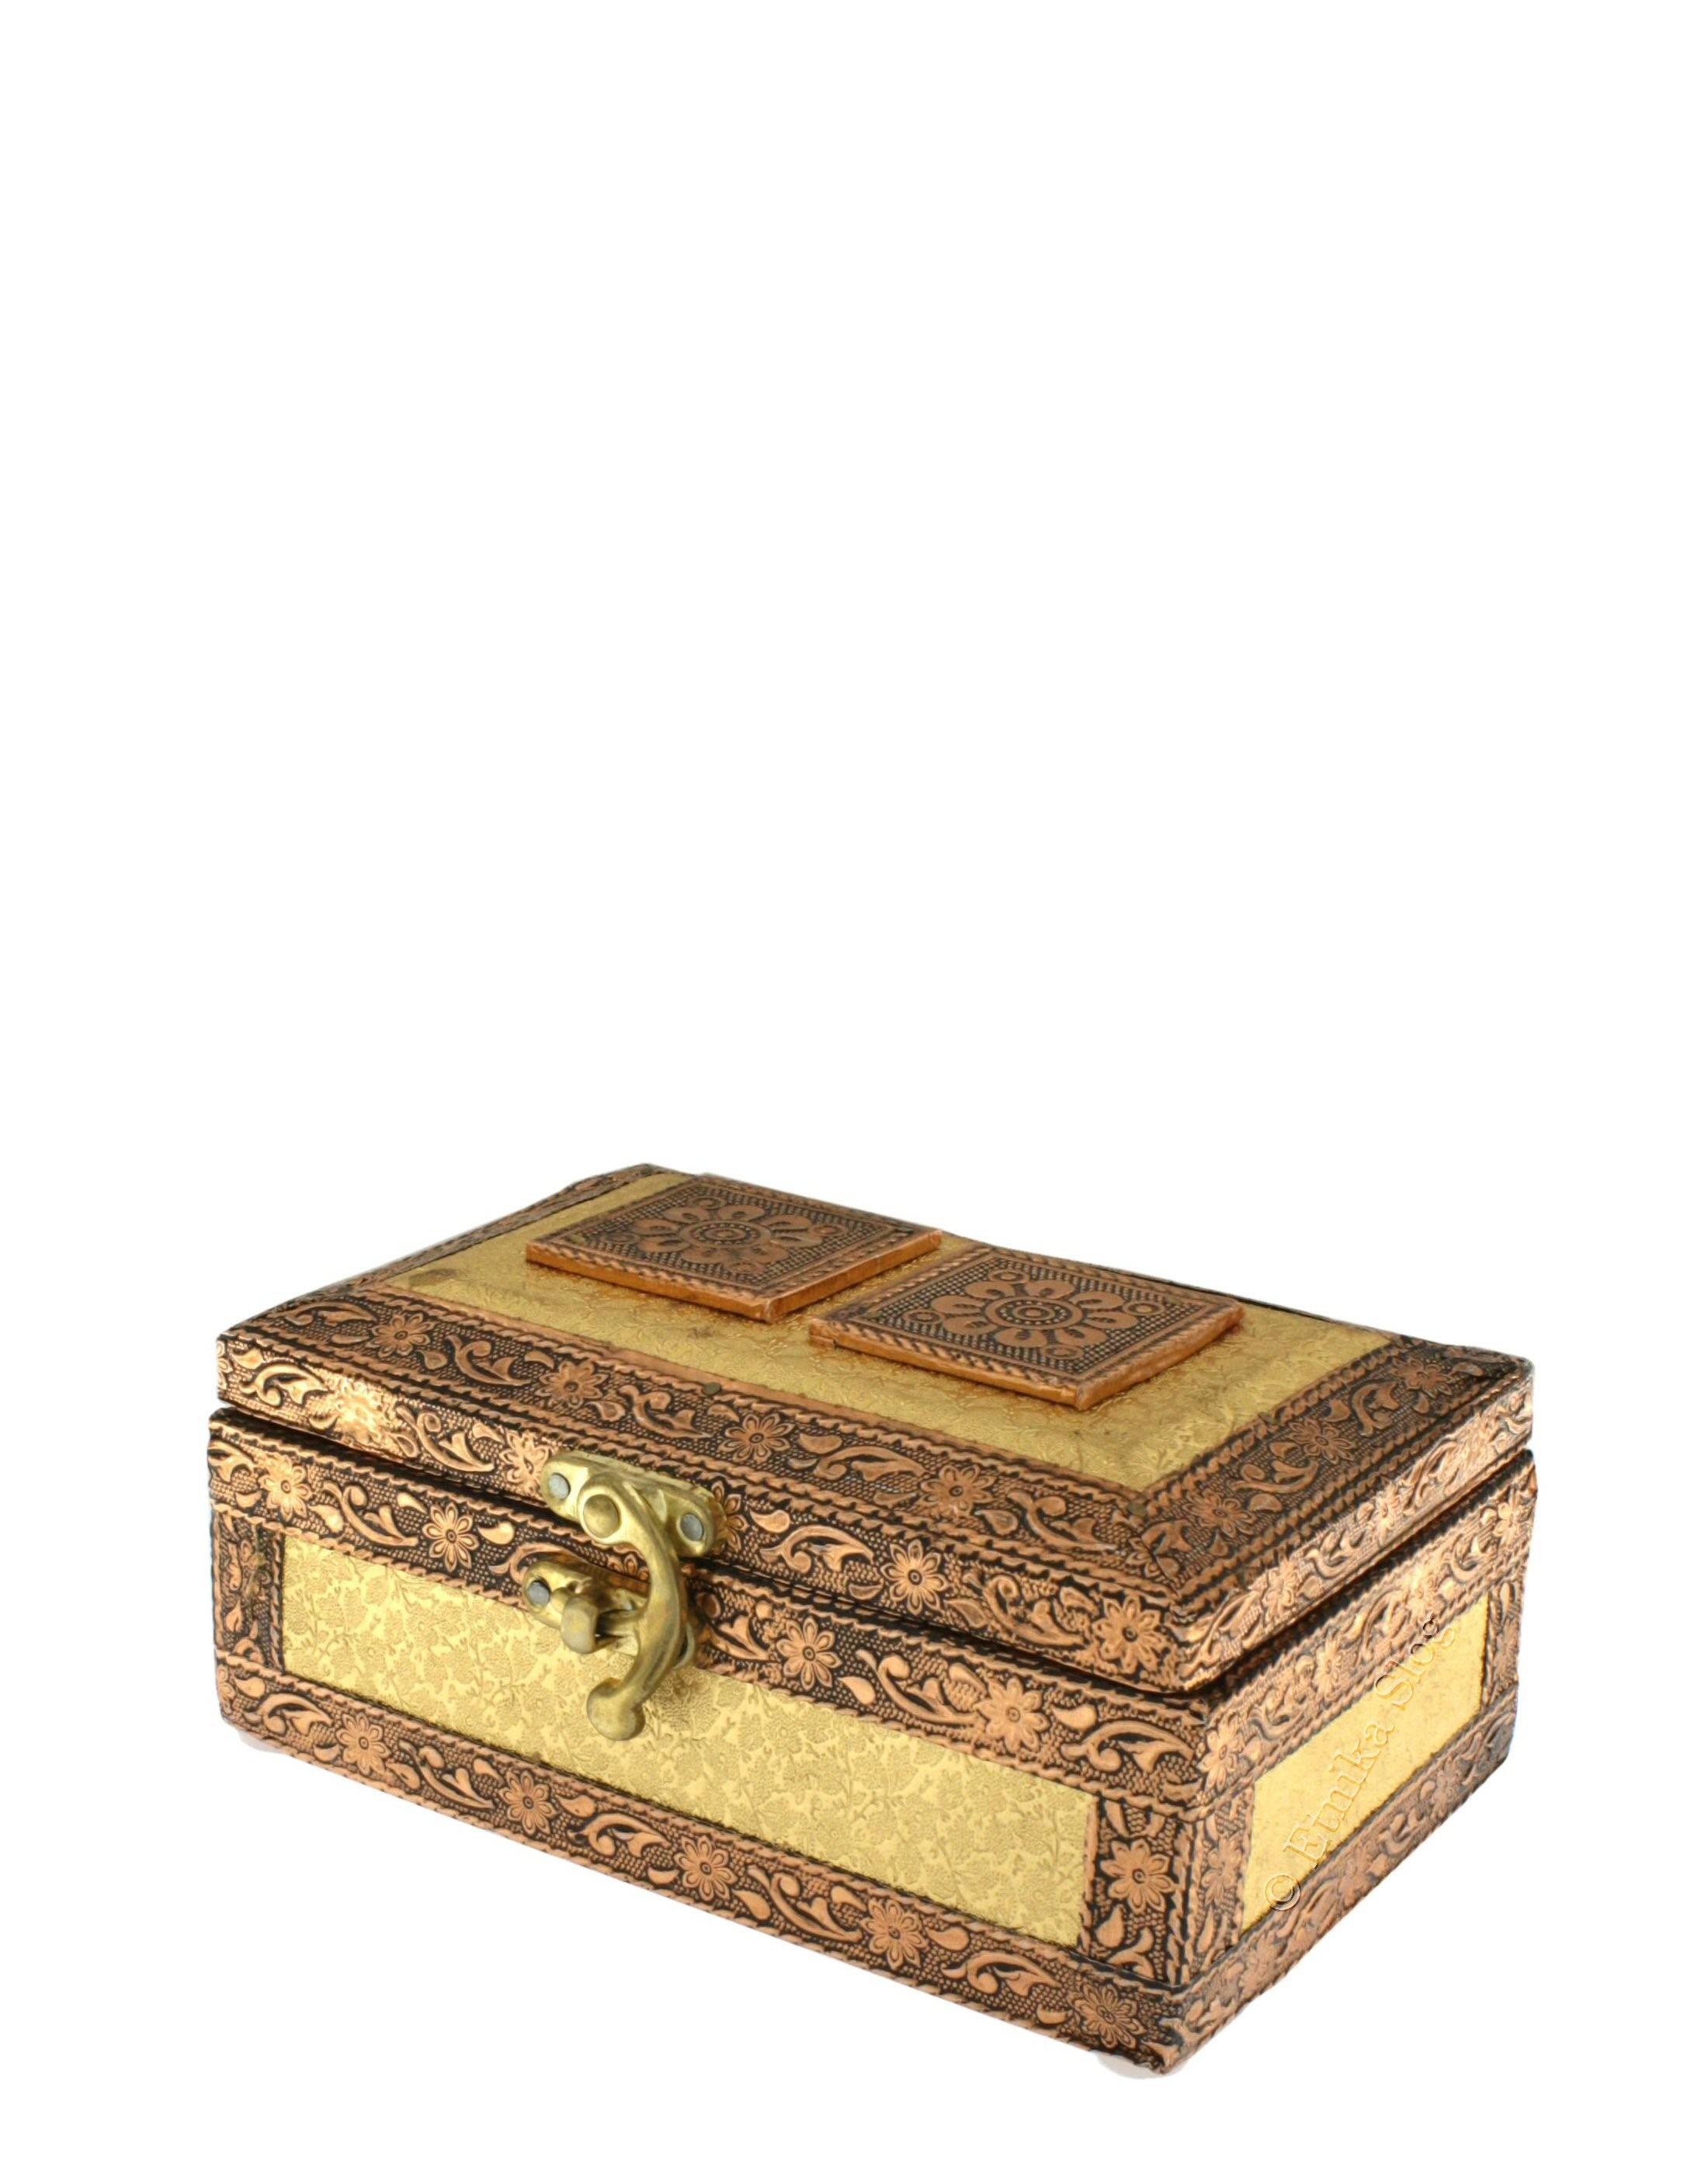 METAL BOXES BX-LEM17 - Oriente Import S.r.l.